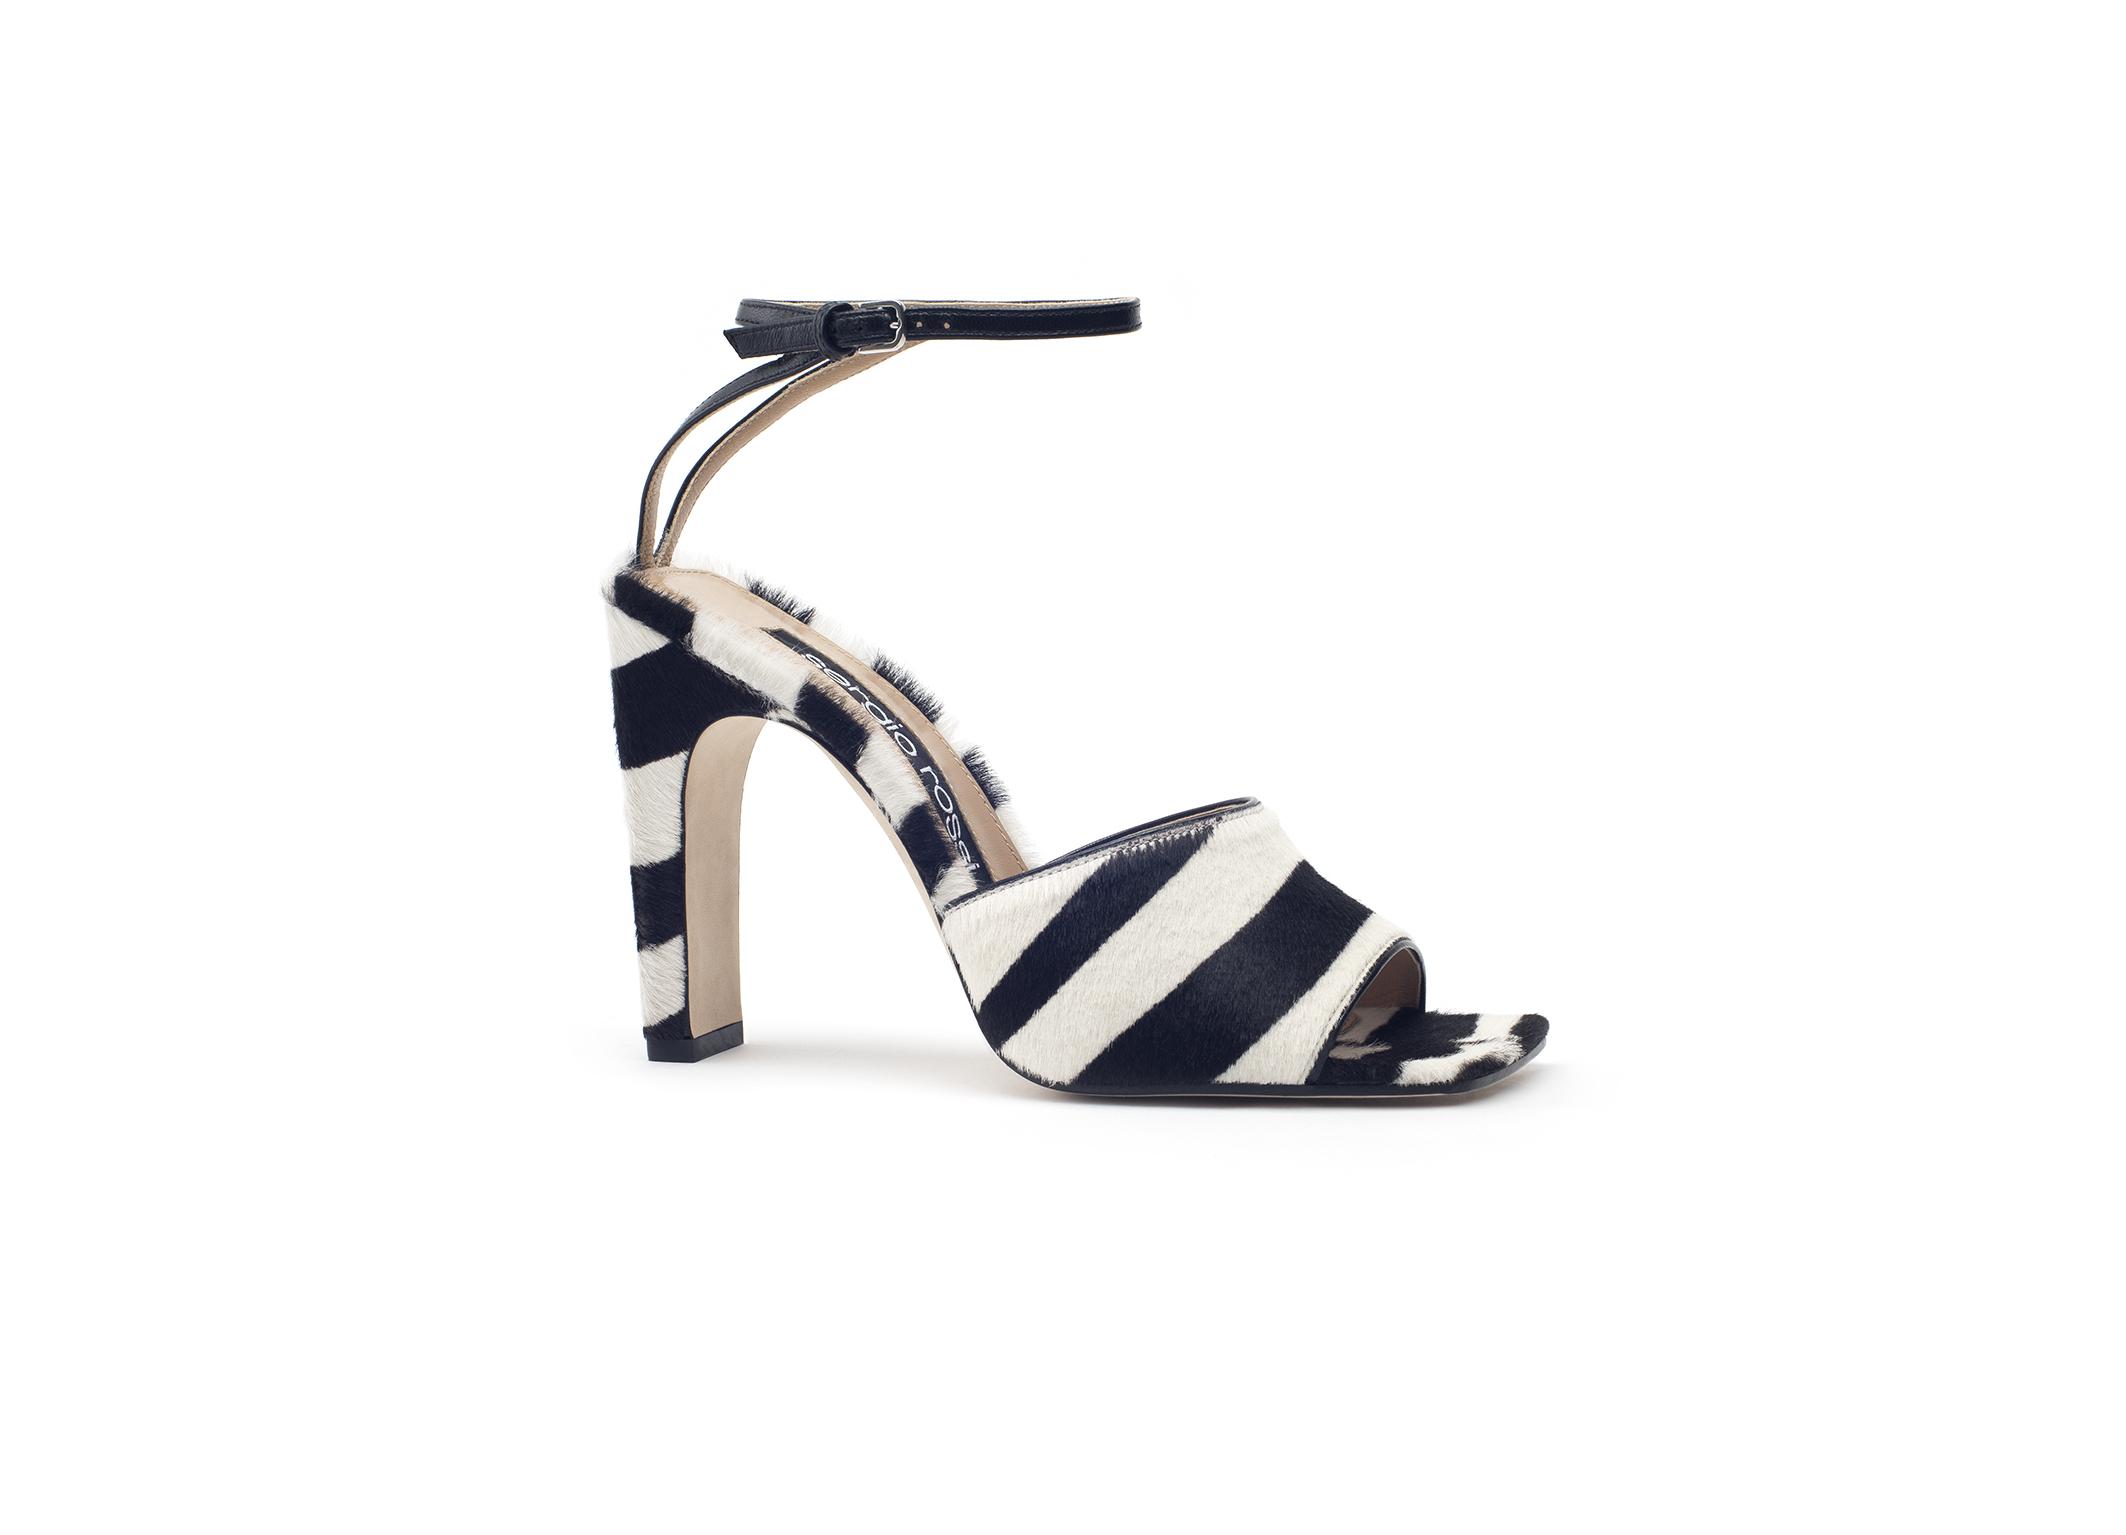 Sandals , SERGIO ROSSI.